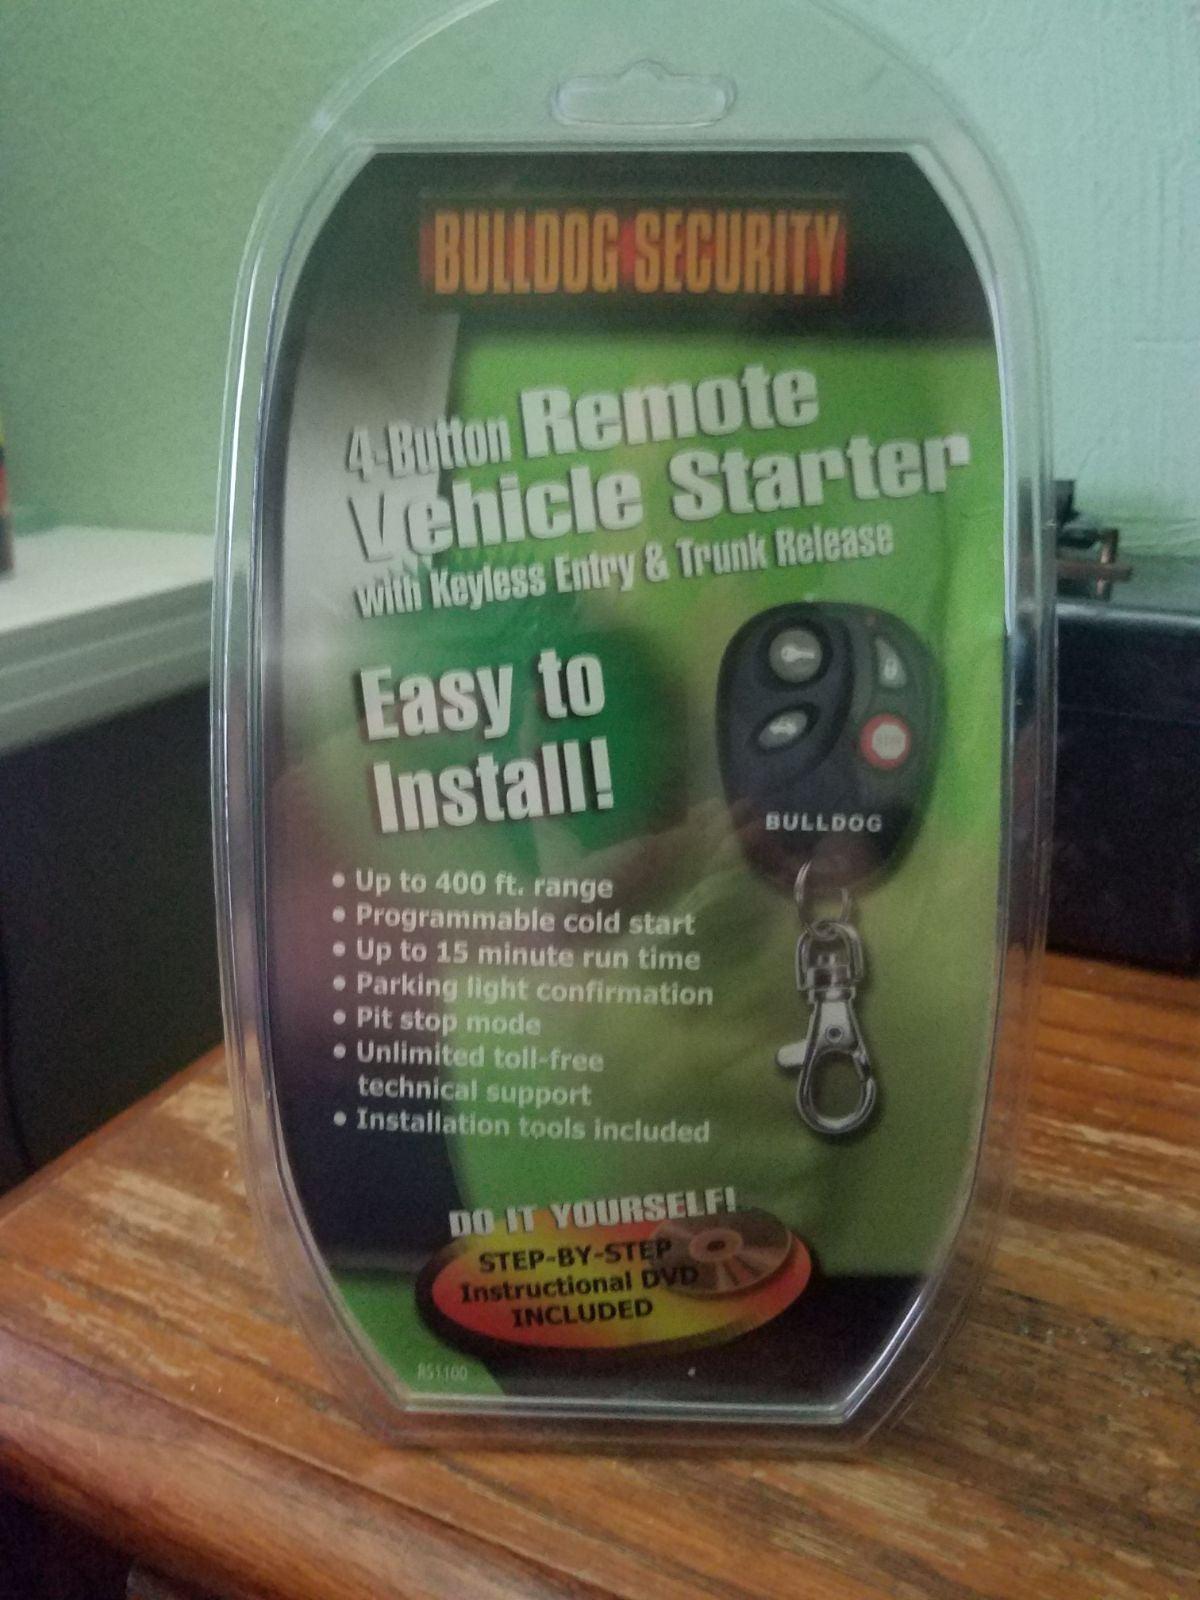 4 Button Remote Vehicle Starter w/Keyles